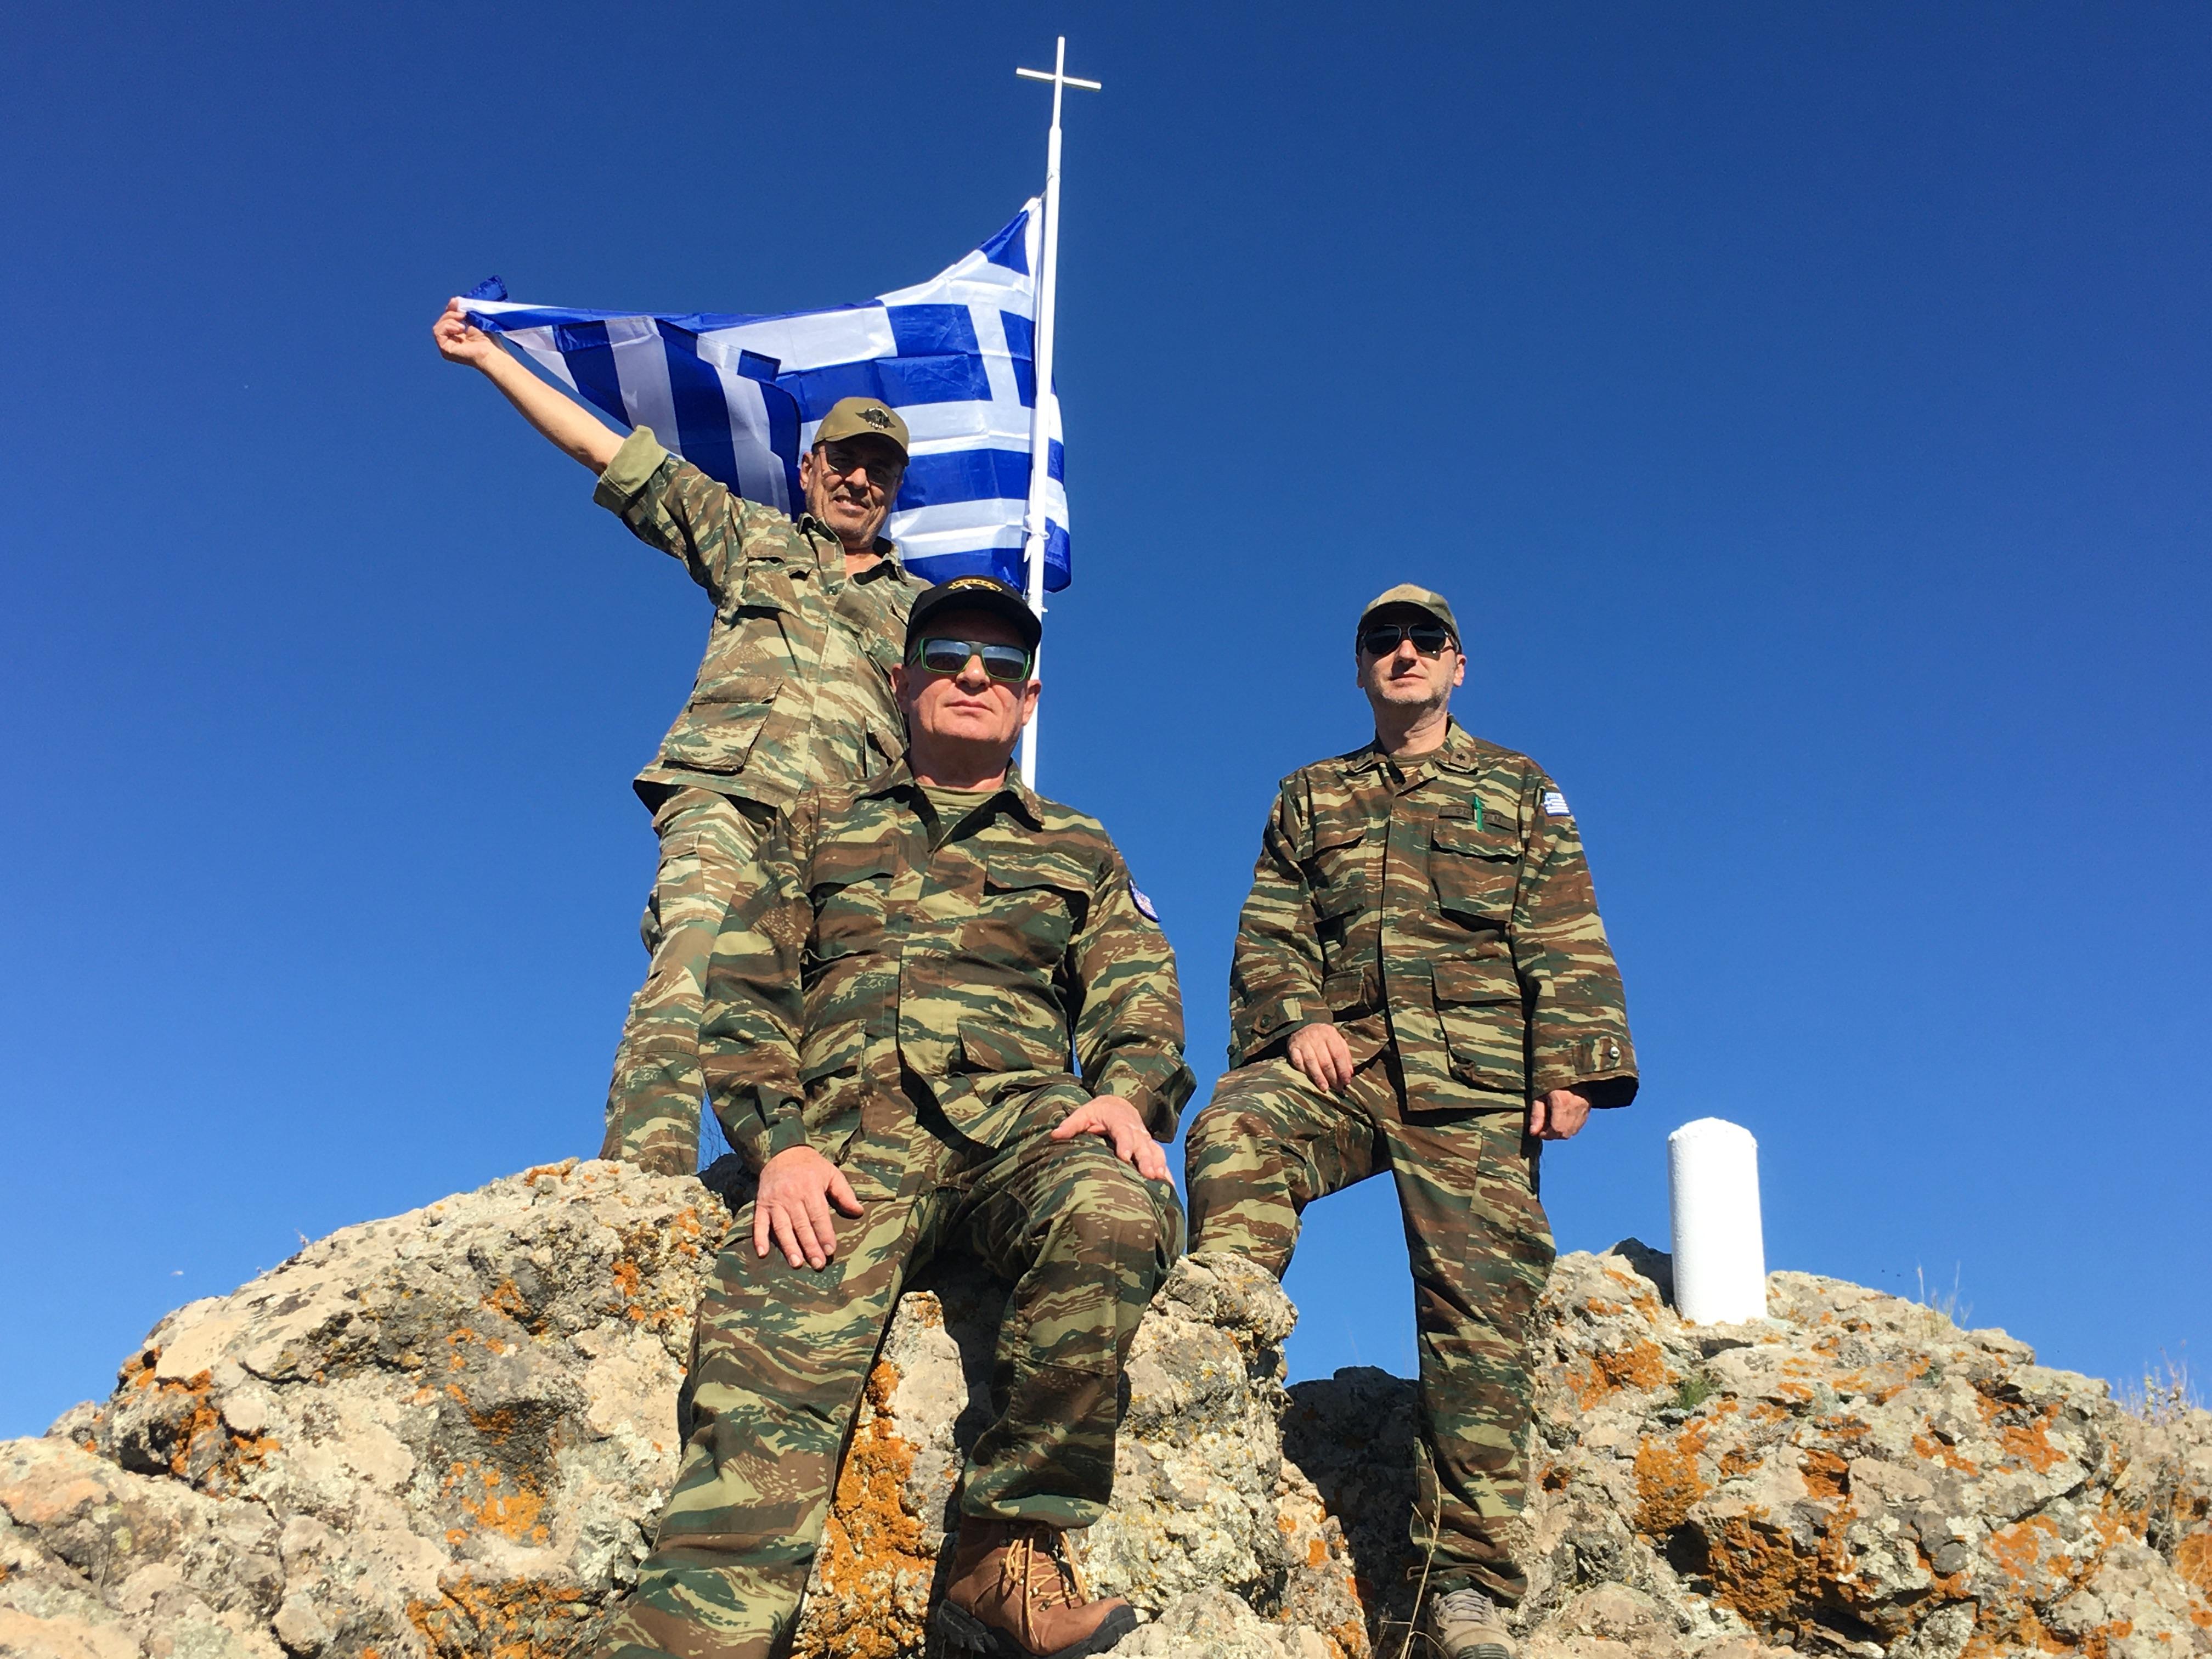 Τοποθέτηση νέου ιστού Σημαίας  στο Γκιντίκι από Εφέδρους της Λάρισας 2